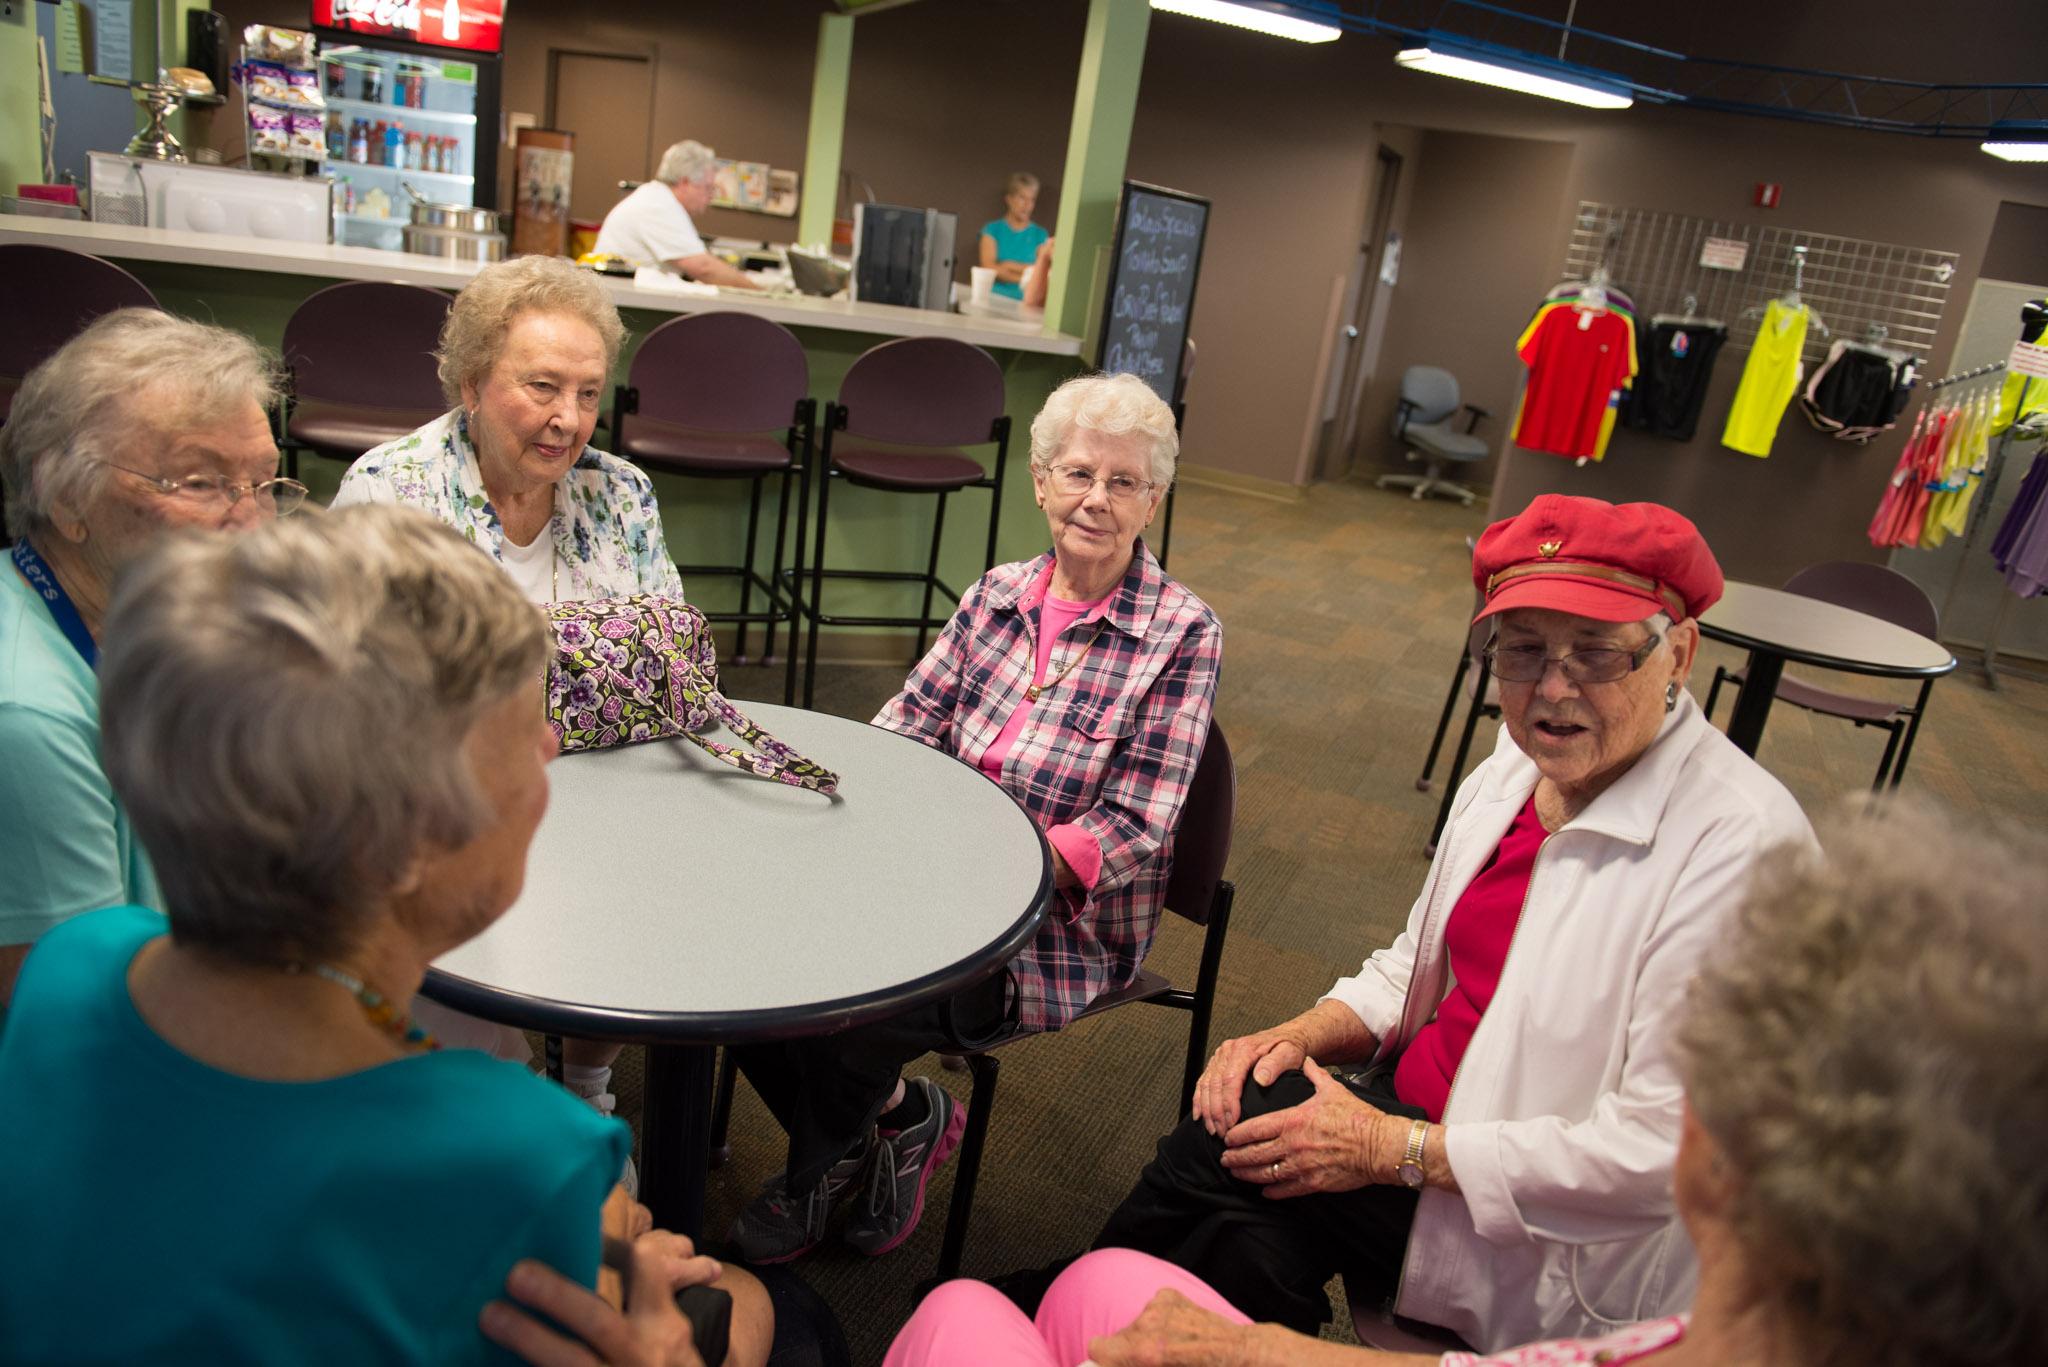 Wellness Center Stock Photos-1354.jpg